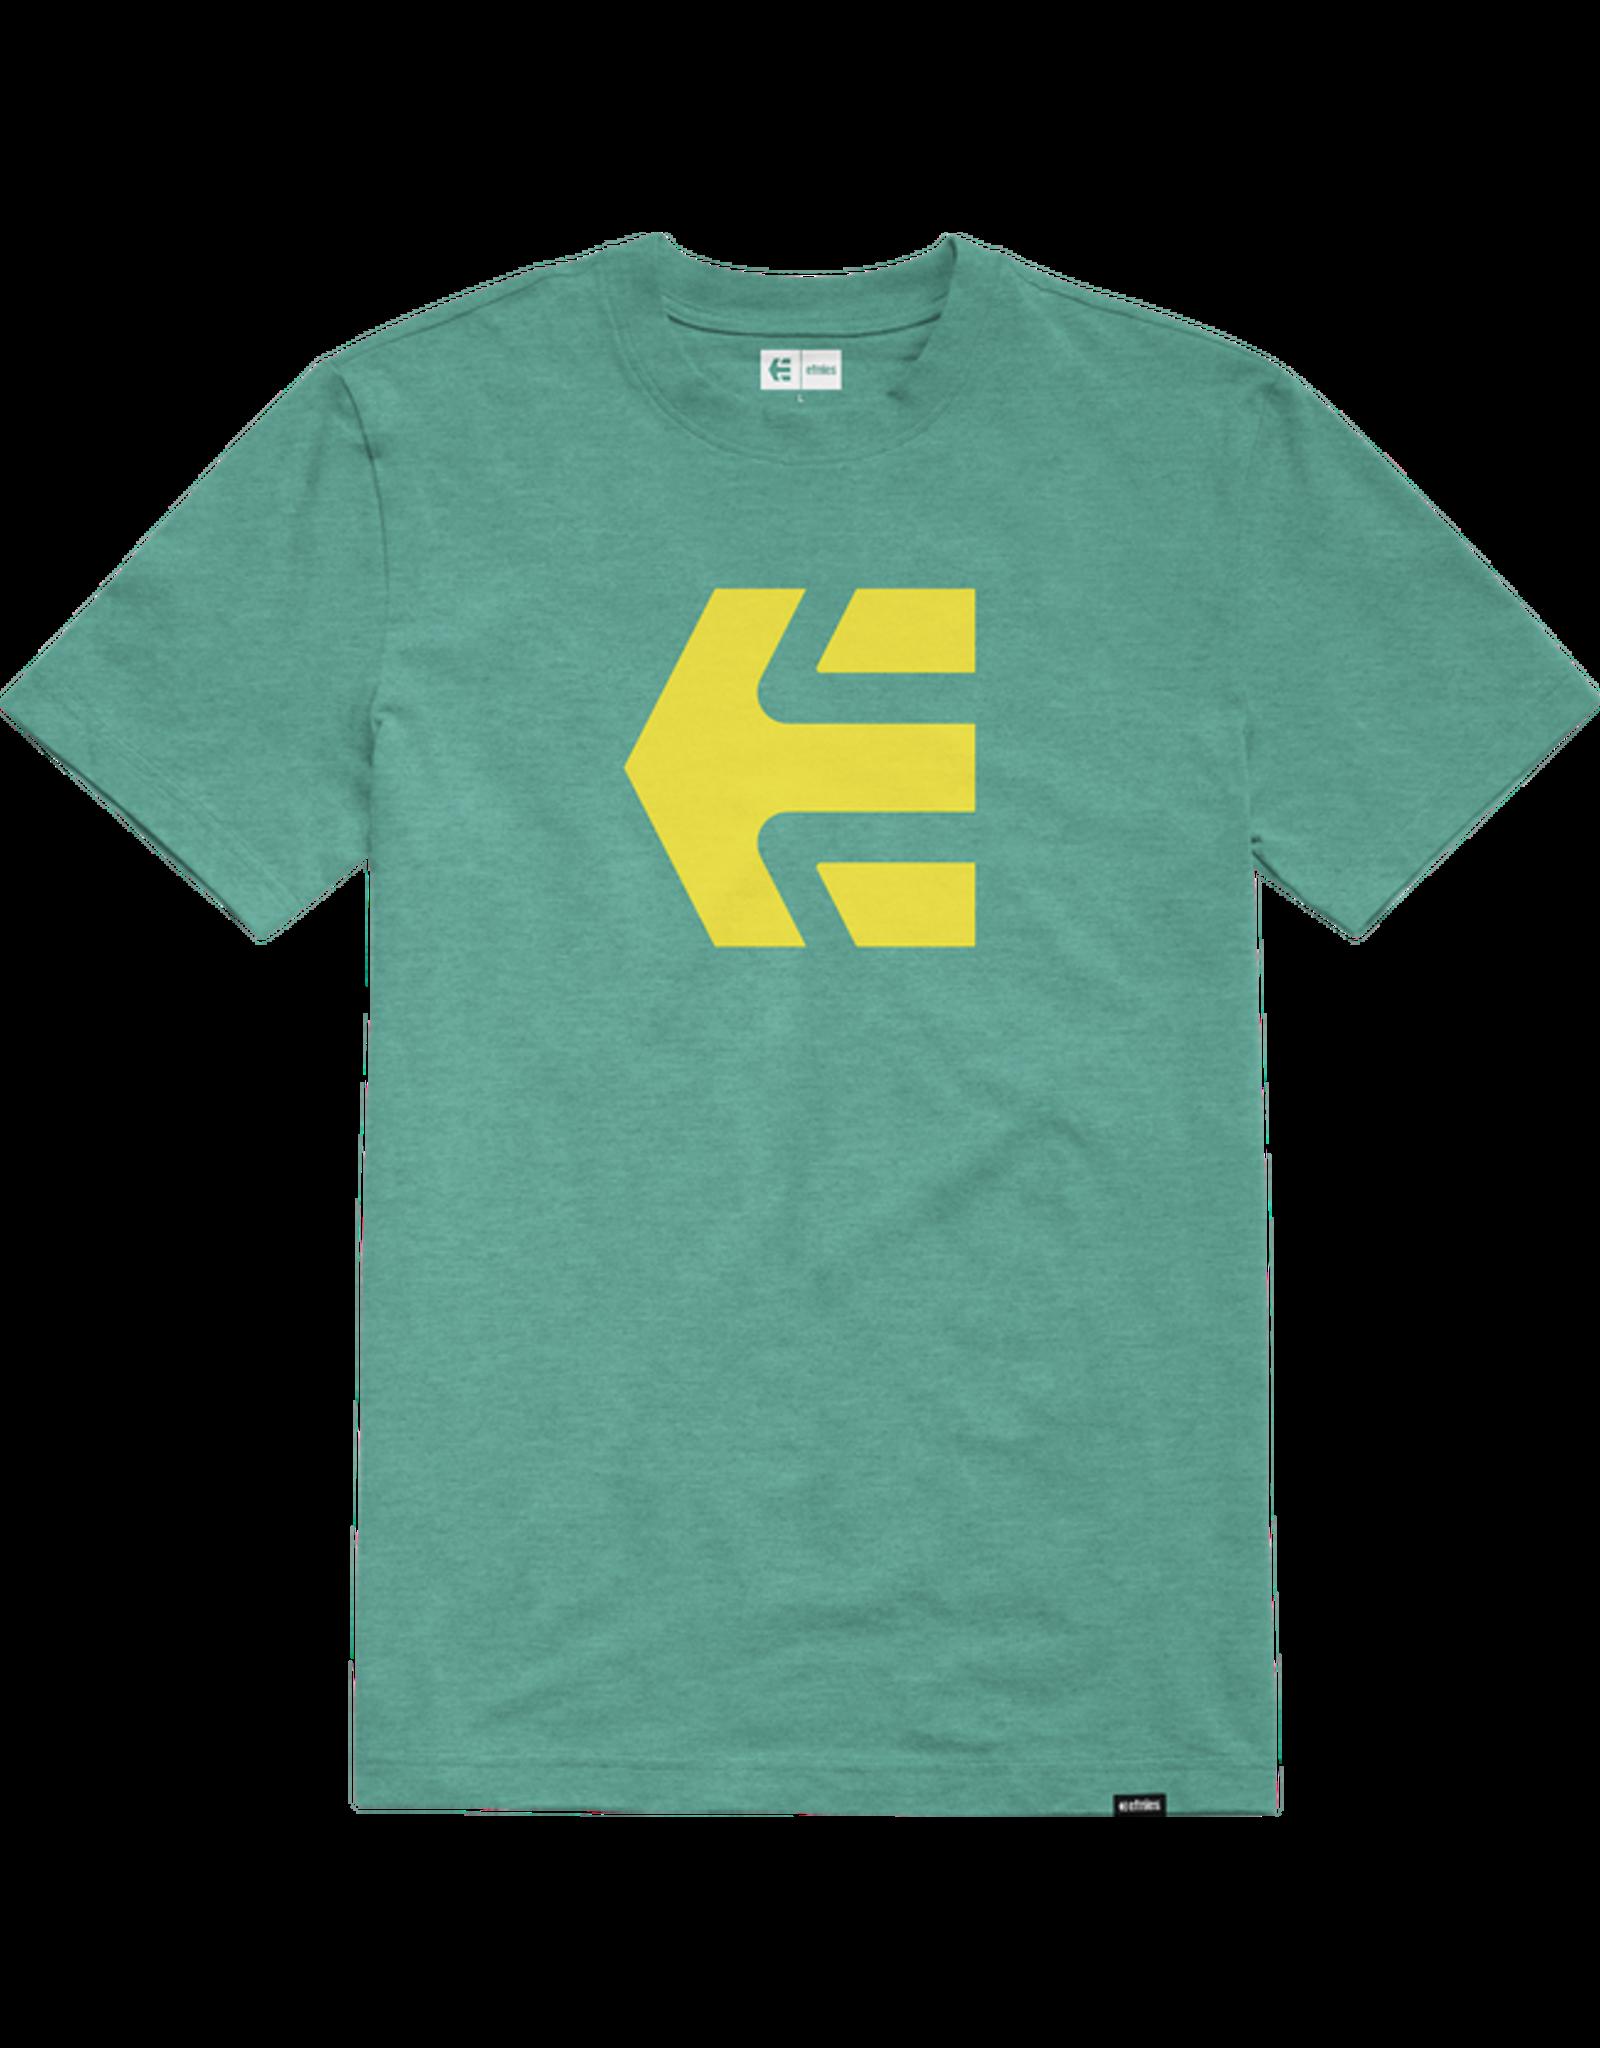 etnies Etnies - T-shirt homme icon mint